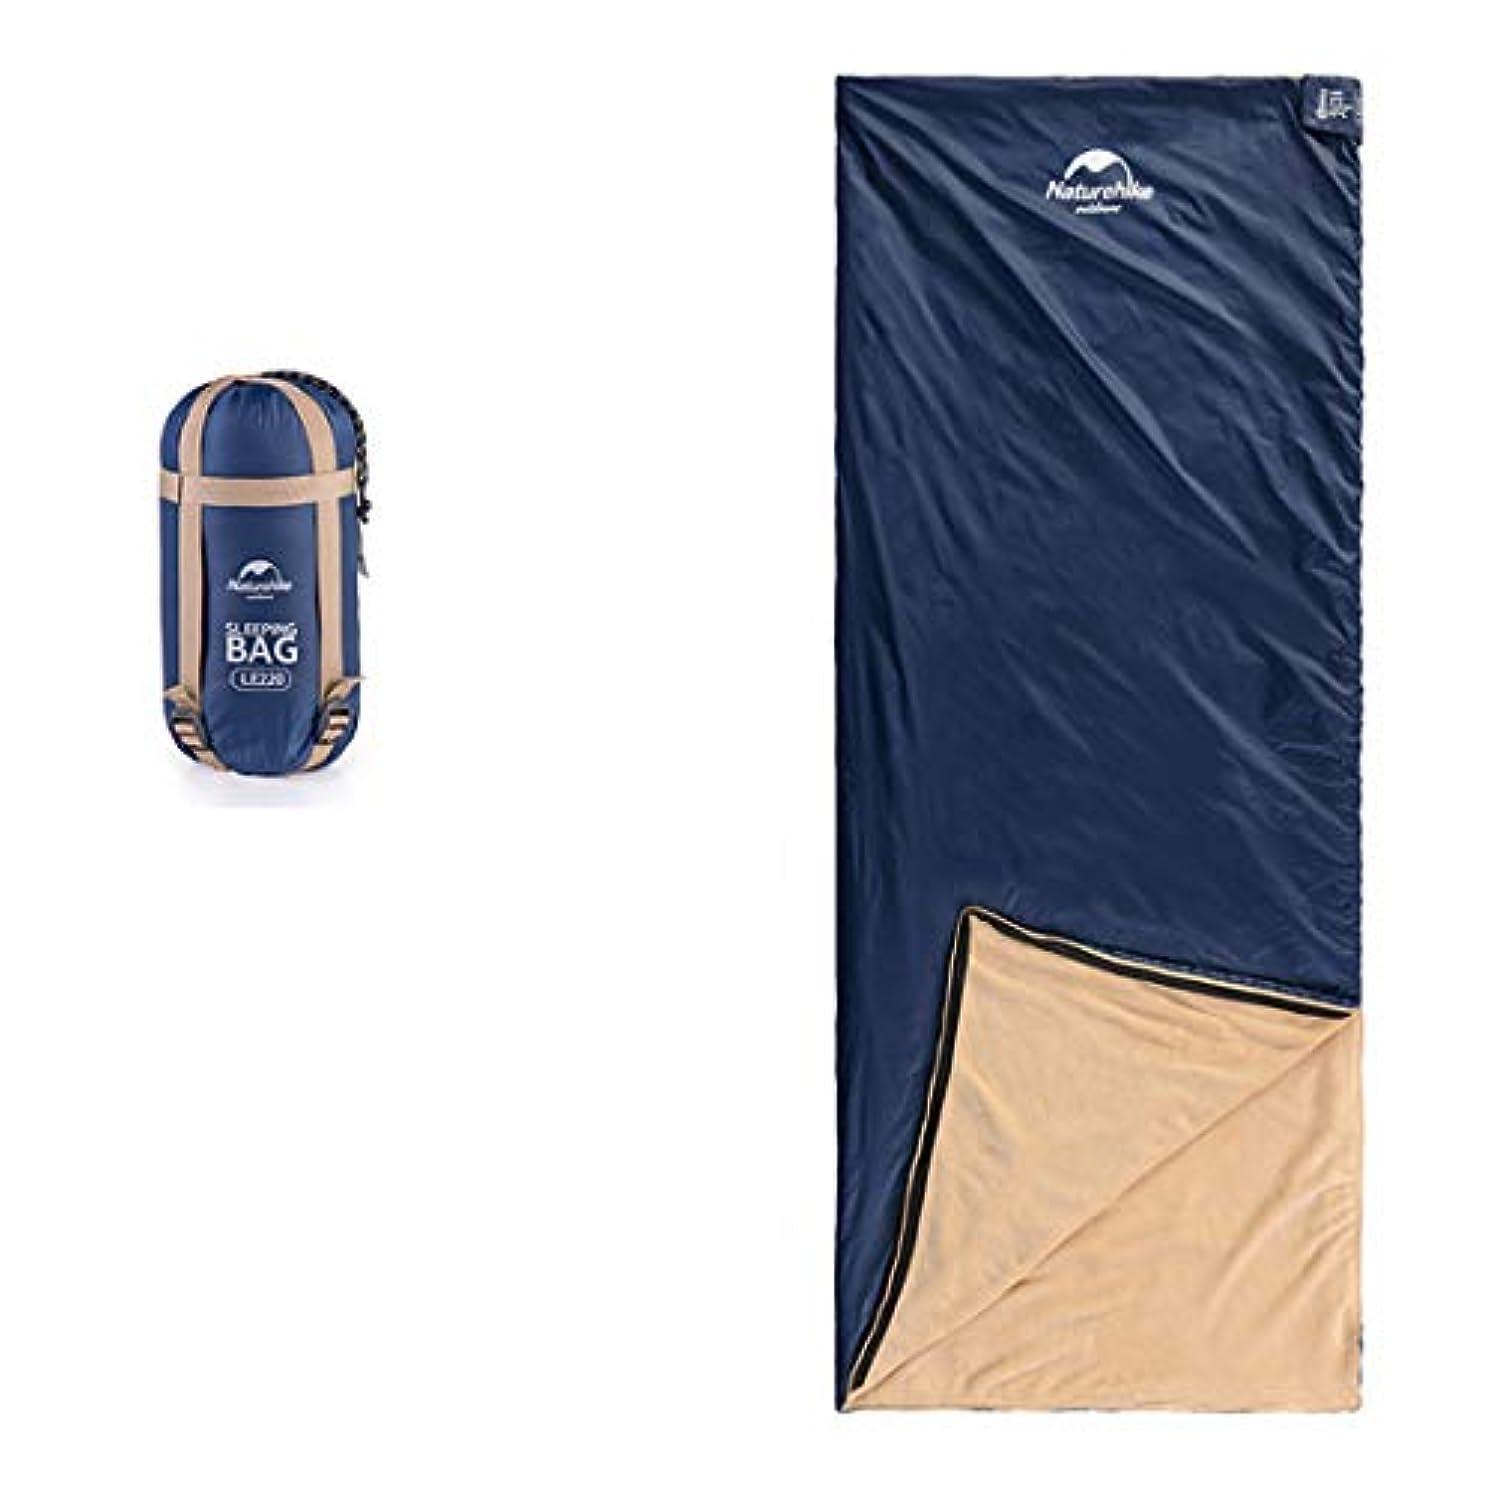 メロンブリッジシャーYIJUPIN キャンプの寝袋 - 封筒軽量の防水防水で快適なサック - 2シーズンの旅行キャンプのハイキングアウトドアアクティビティ (色 : 青, サイズ : 190cm)